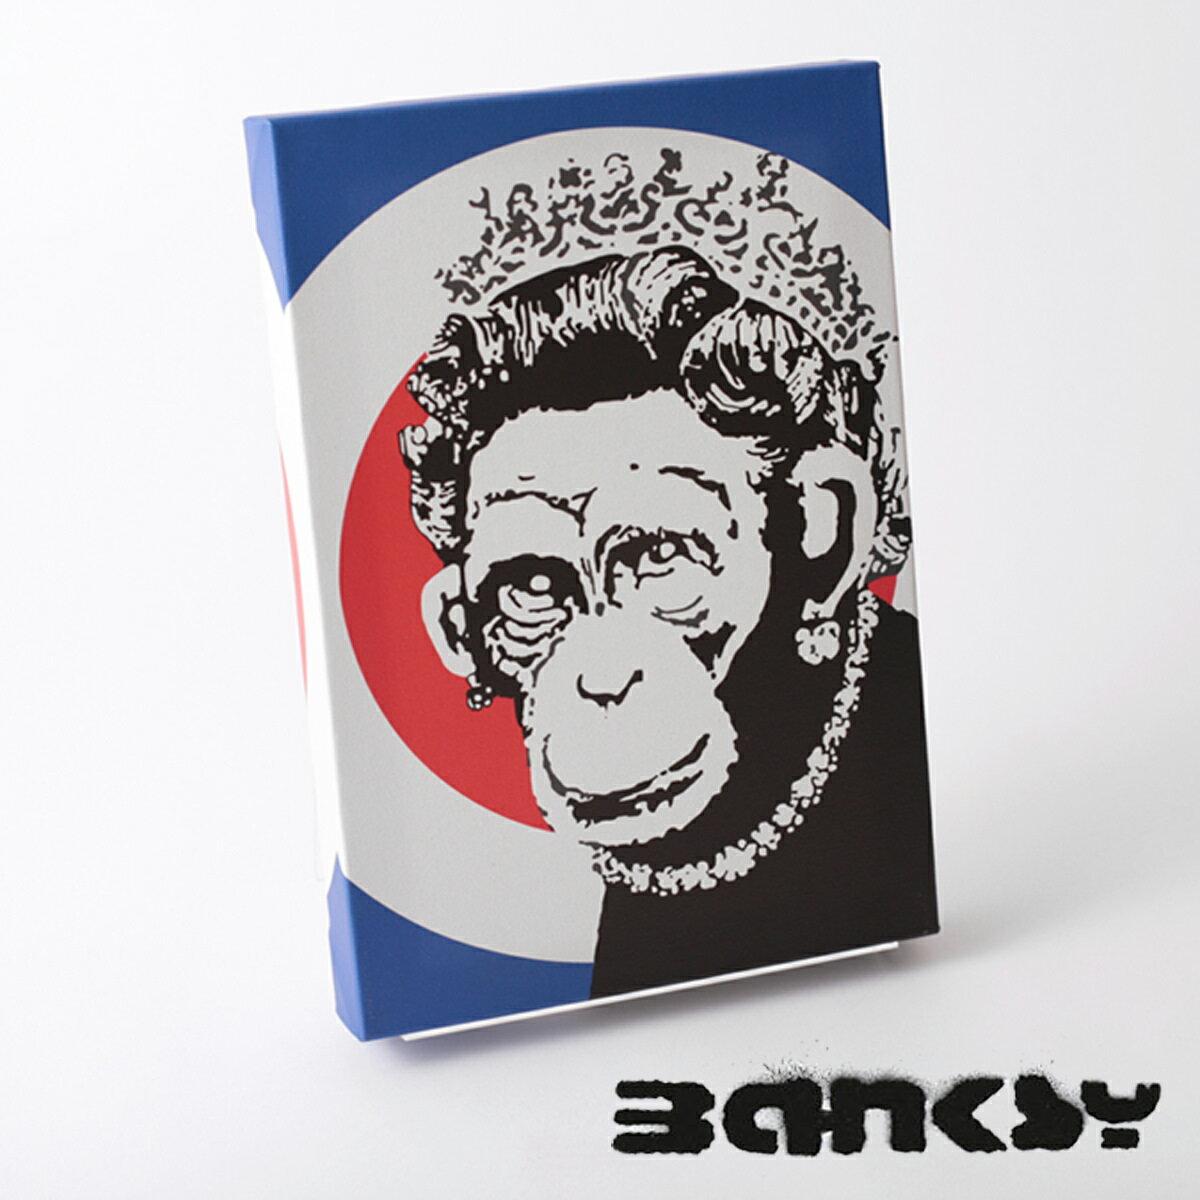 絵画, その他 BANKSY CANVAS ART Monkey Queen Roundel 31.5cm 21cm